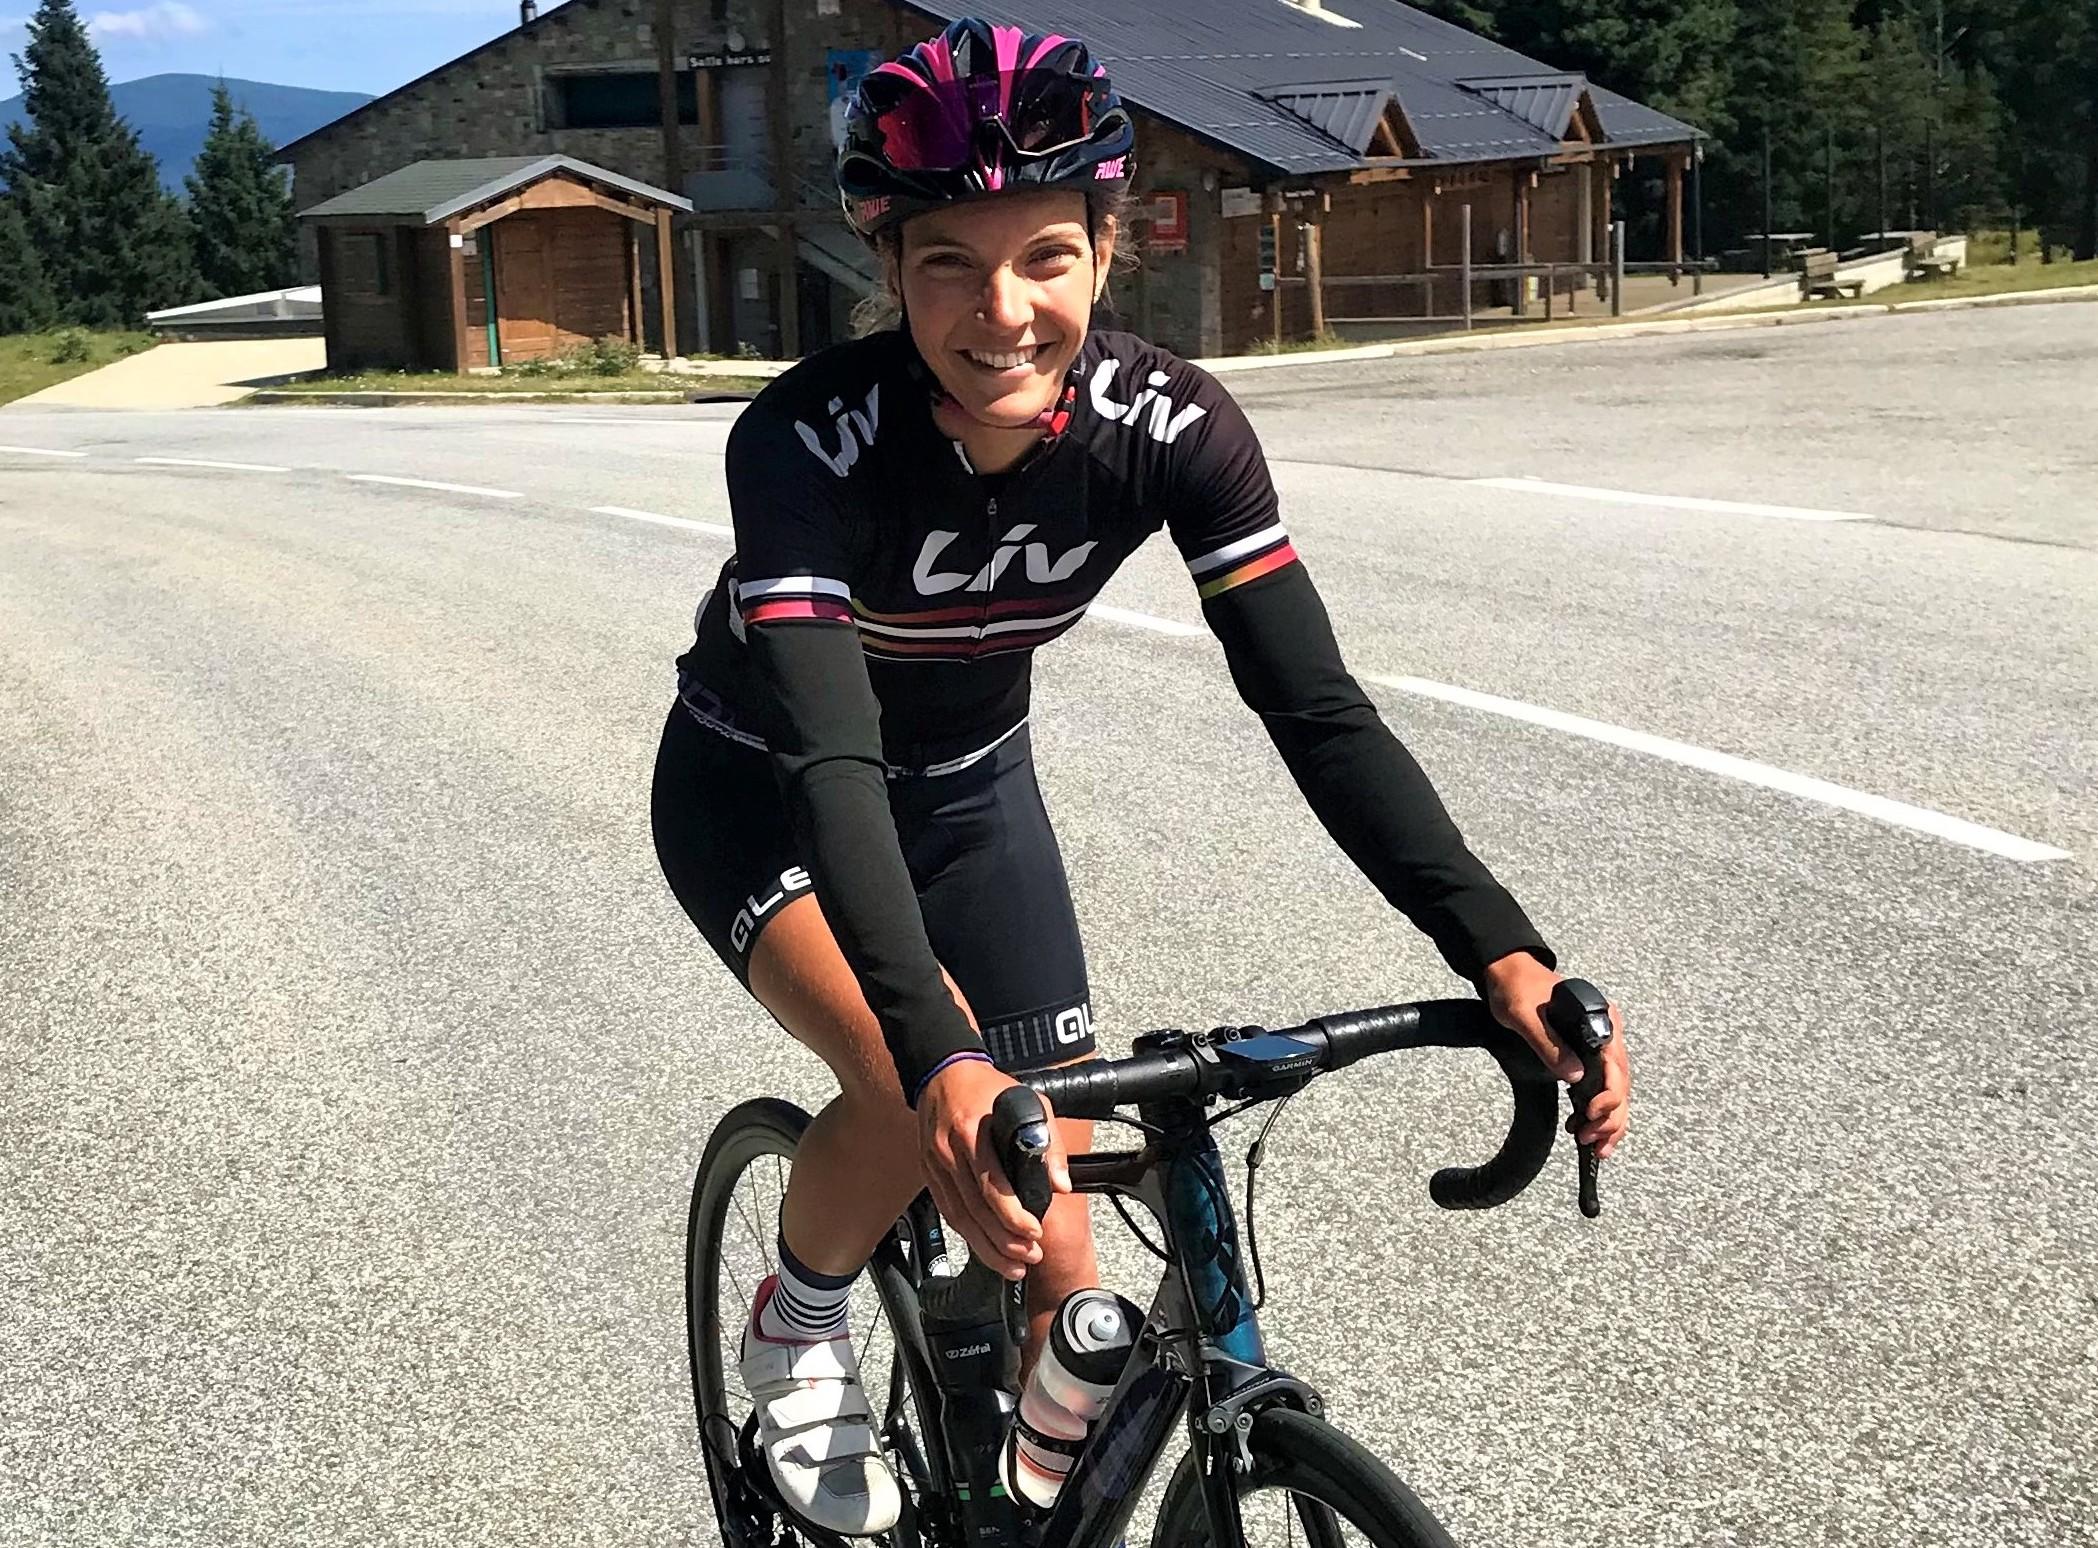 portrait cycliste Léa LIV